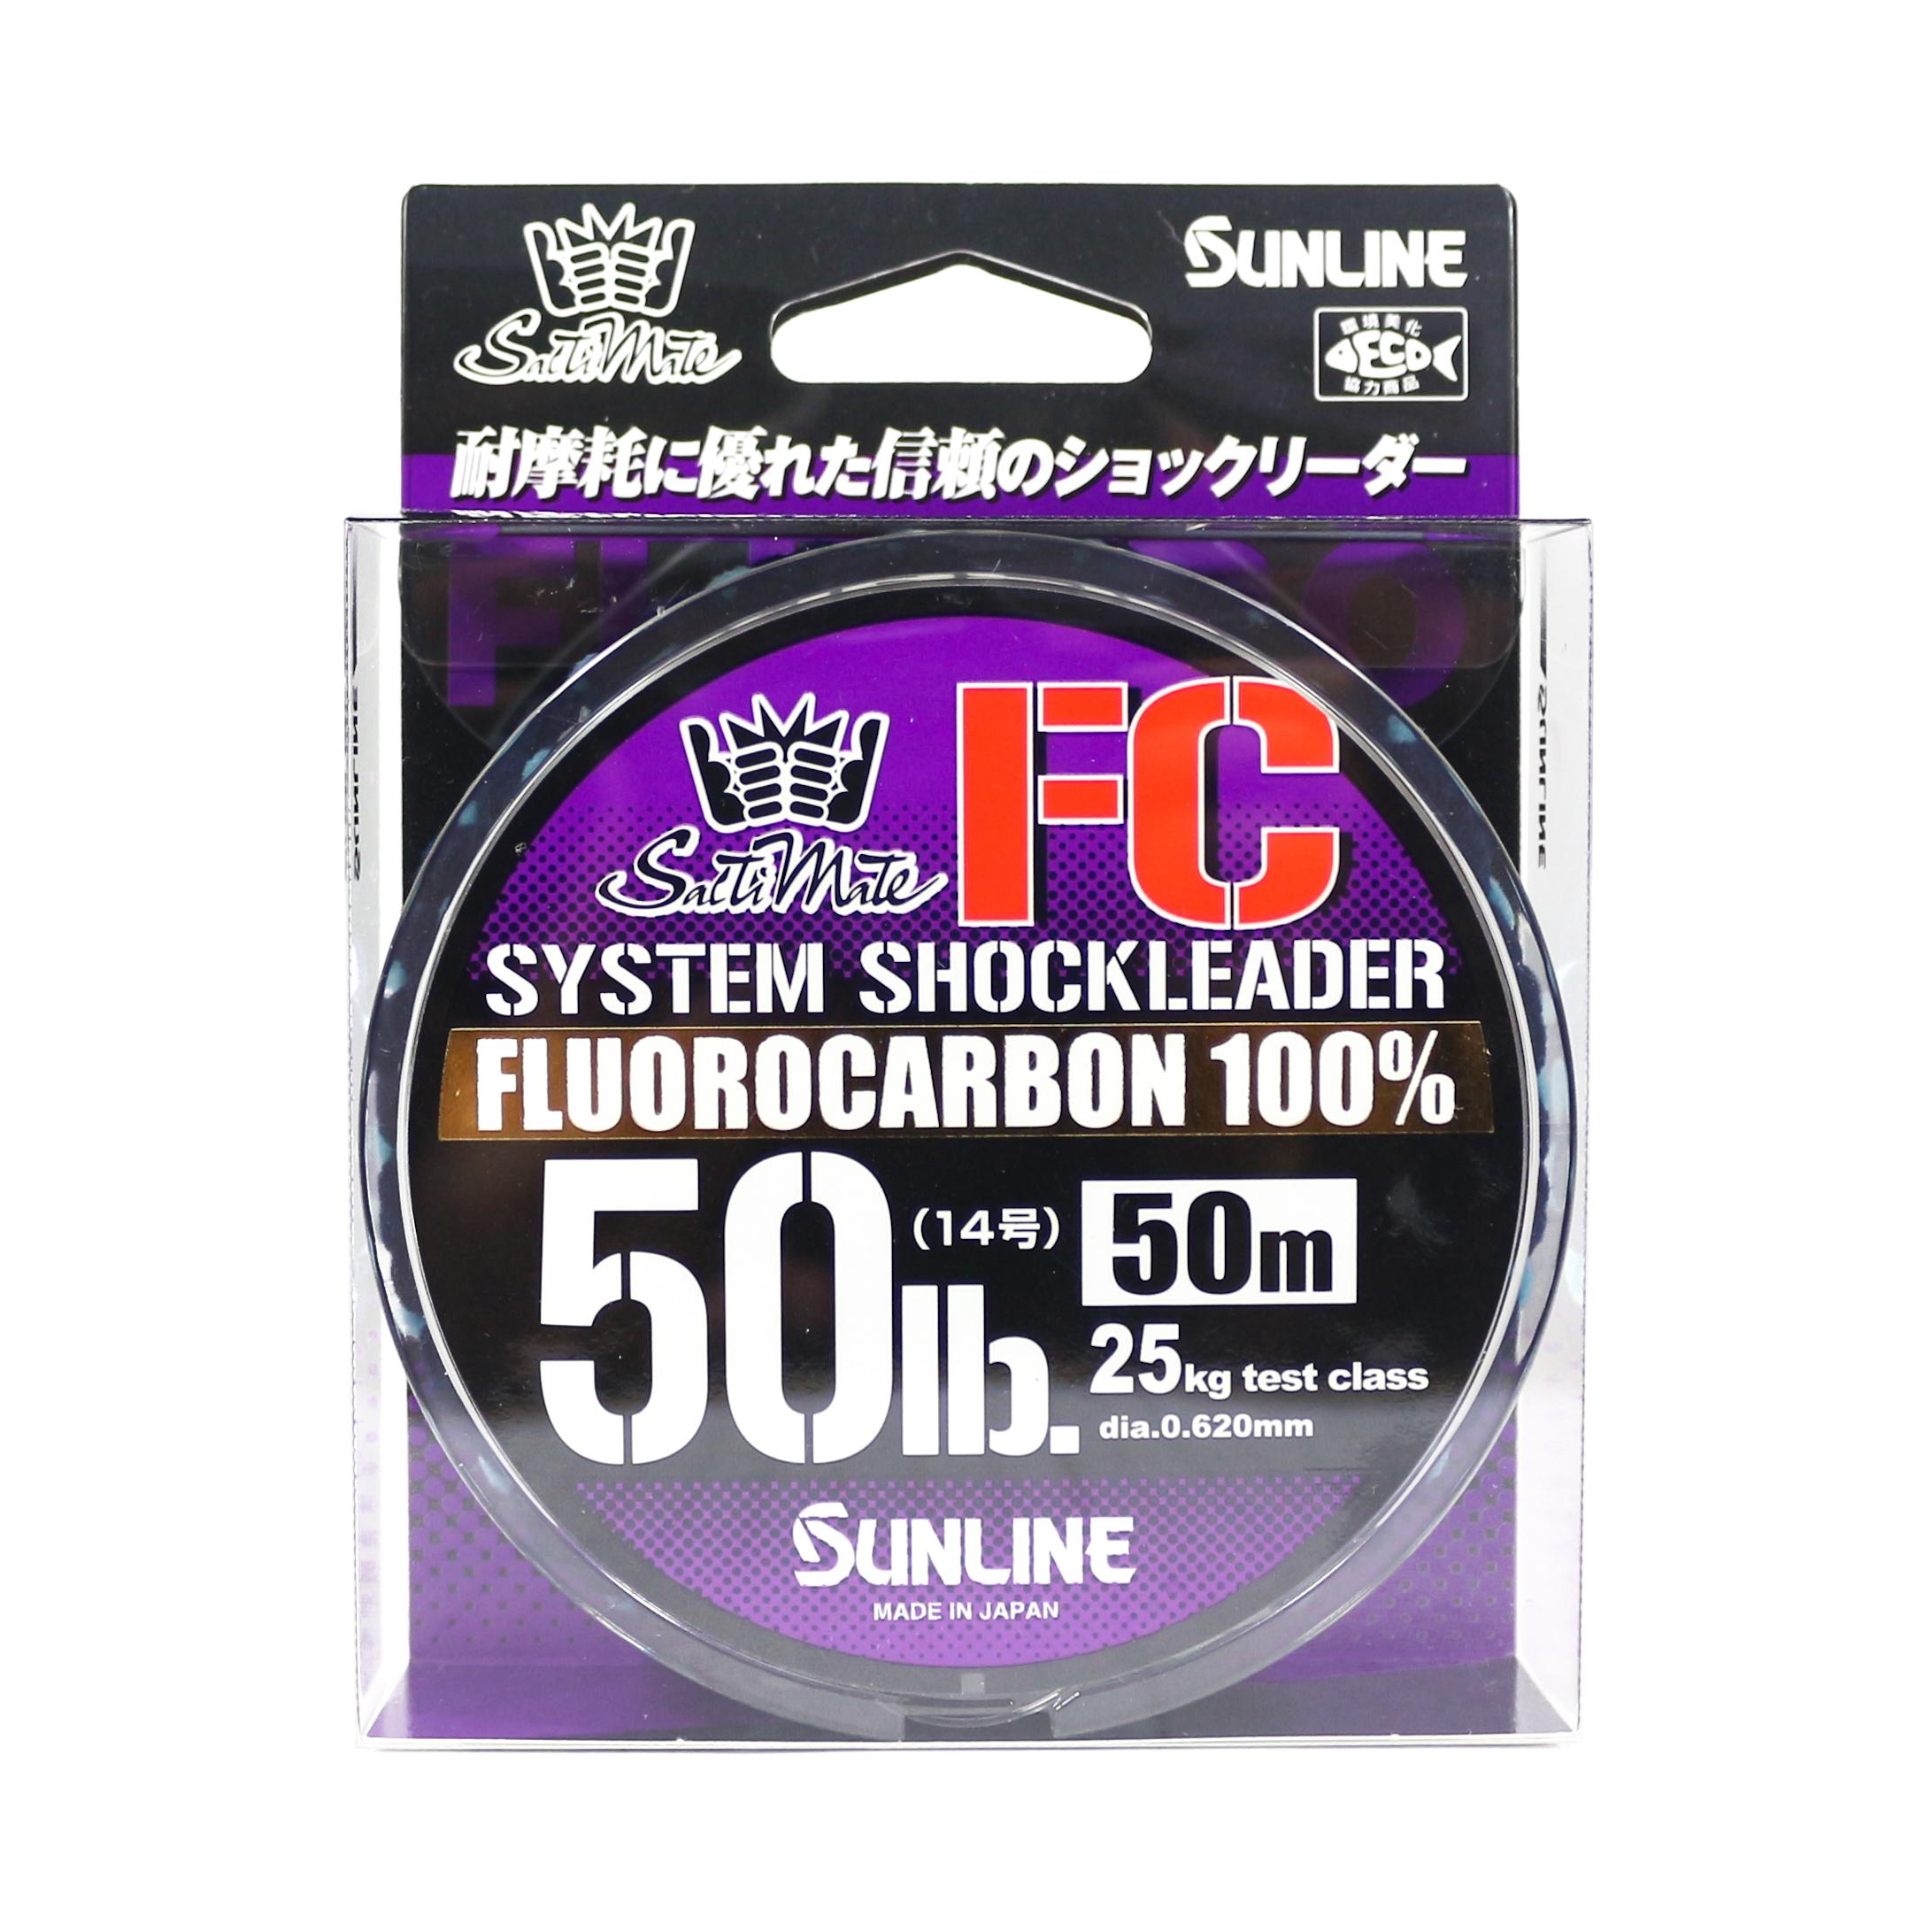 Sunline Saltwater System Shock Leader Fluorocarbon FC 50m 50lb (9215)